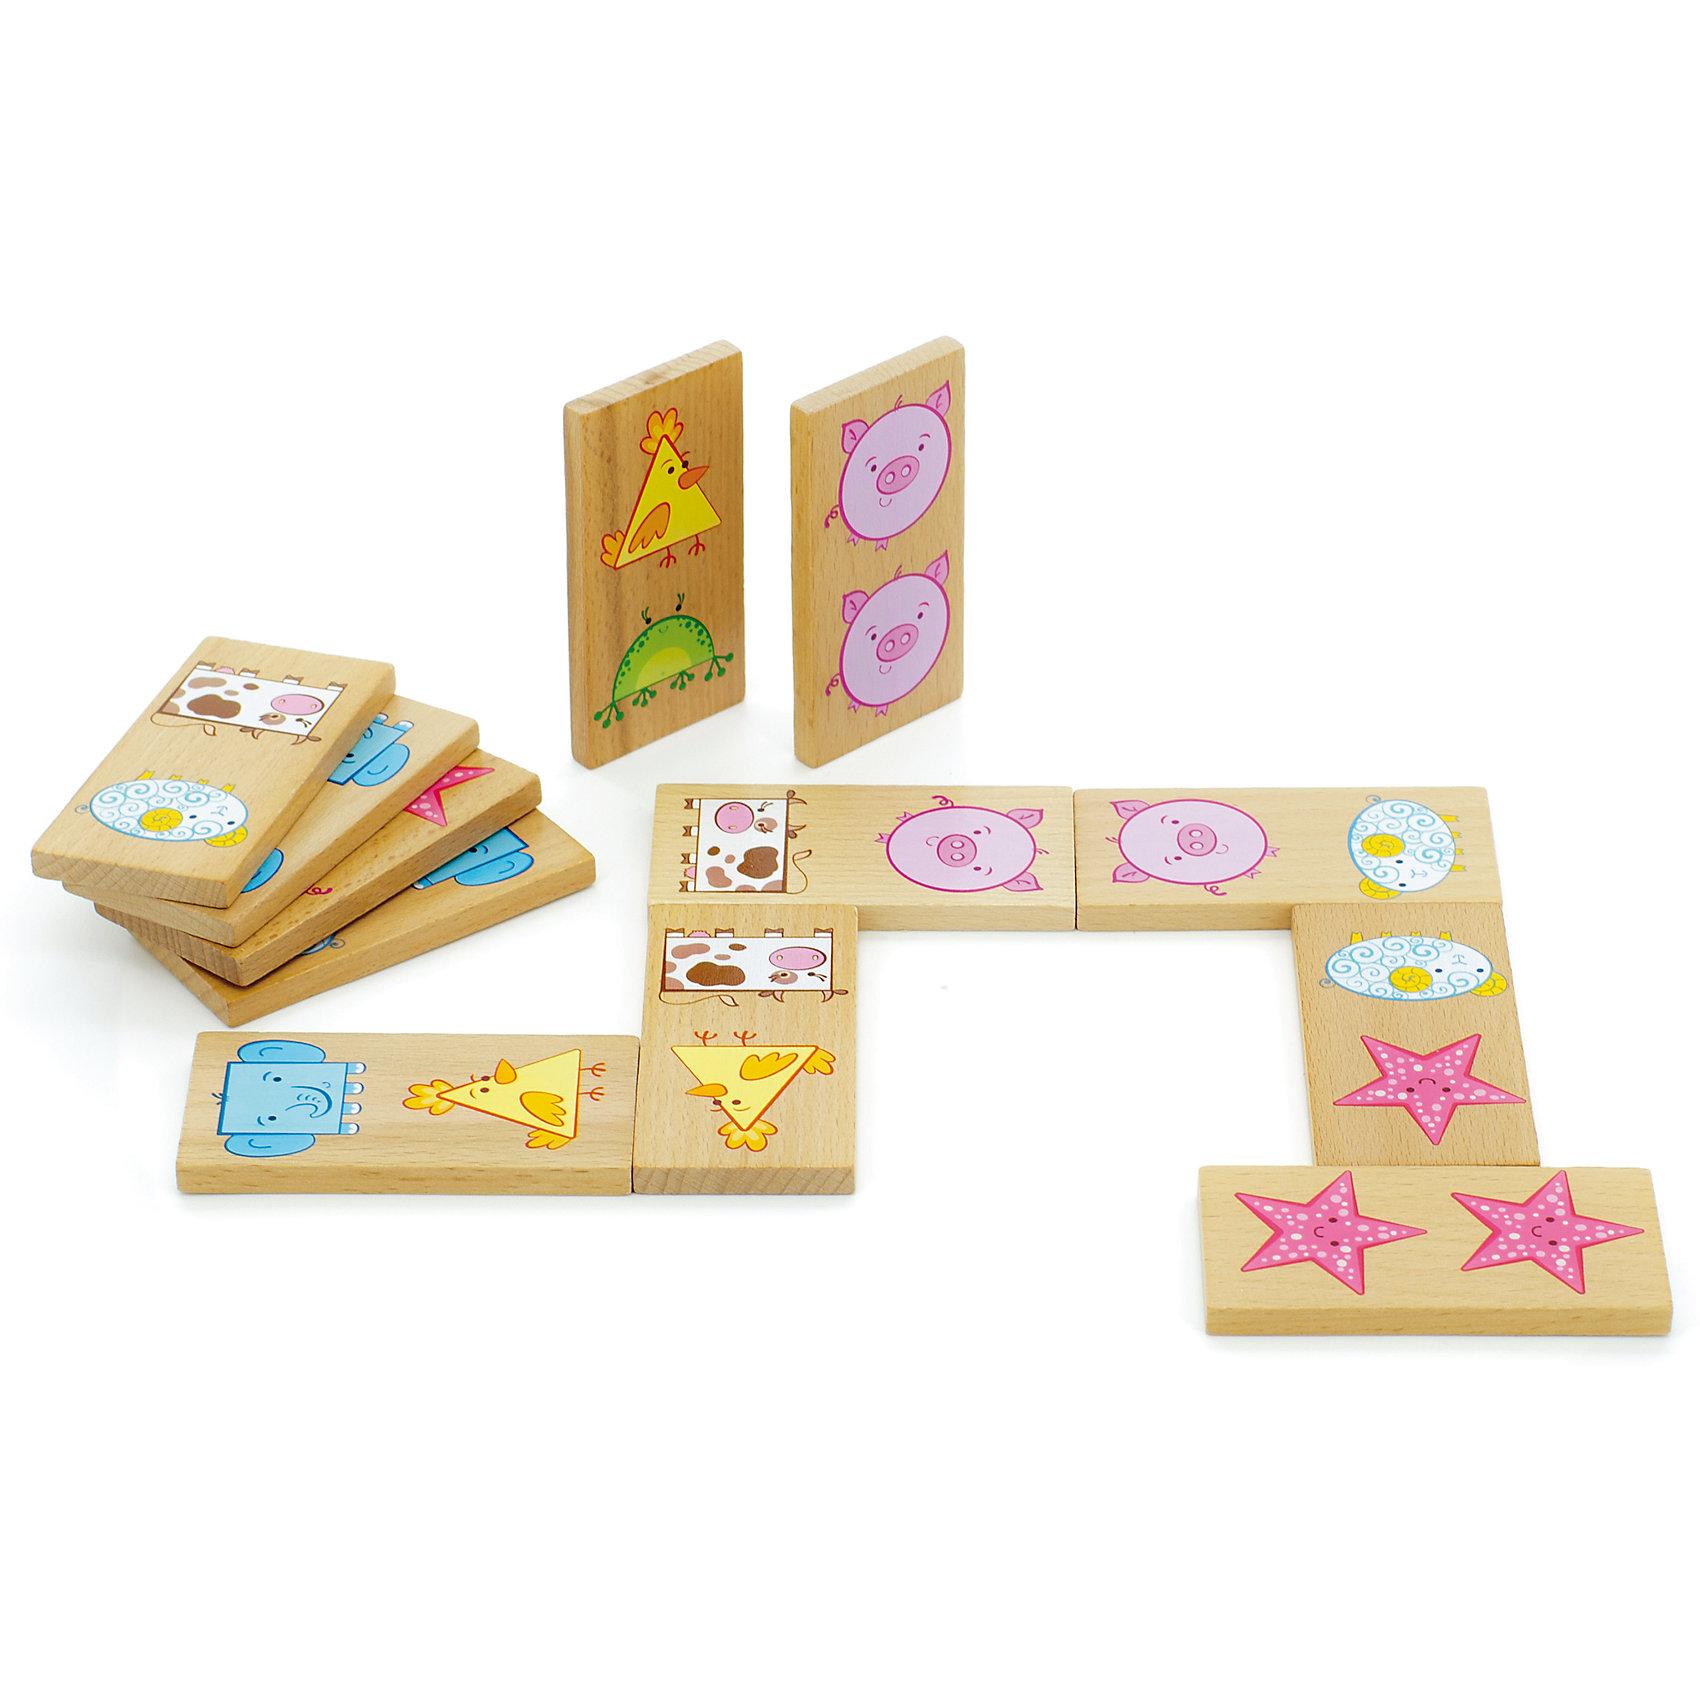 Домино Фигуры, Мир деревянных игрушекДеревянные игры и пазлы<br>Домино - отлична игра для всей семьи! Такие развивающие игры помогают малышу быстрее освоить нужные навыки: они развивают мелкую моторику, цветовосприятие, умение логически размышлять, внимание, способность распознавать разные геометрические формы, умение считать и многое другое.<br>Это домино сделано из натурального дерева, отлично обработанного и безопасного для малышей. Игра с ним может надолго занять ребенка!<br><br>Дополнительная информация:<br><br>цвет: разноцветный;<br>материал: дерево;<br>размер упаковки: 21 х 11 х 17 см.<br><br>Домино Фигуры от компании Мир деревянных игрушек можно купить в нашем магазине.<br><br>Ширина мм: 215<br>Глубина мм: 110<br>Высота мм: 170<br>Вес г: 670<br>Возраст от месяцев: 36<br>Возраст до месяцев: 2147483647<br>Пол: Унисекс<br>Возраст: Детский<br>SKU: 4976695